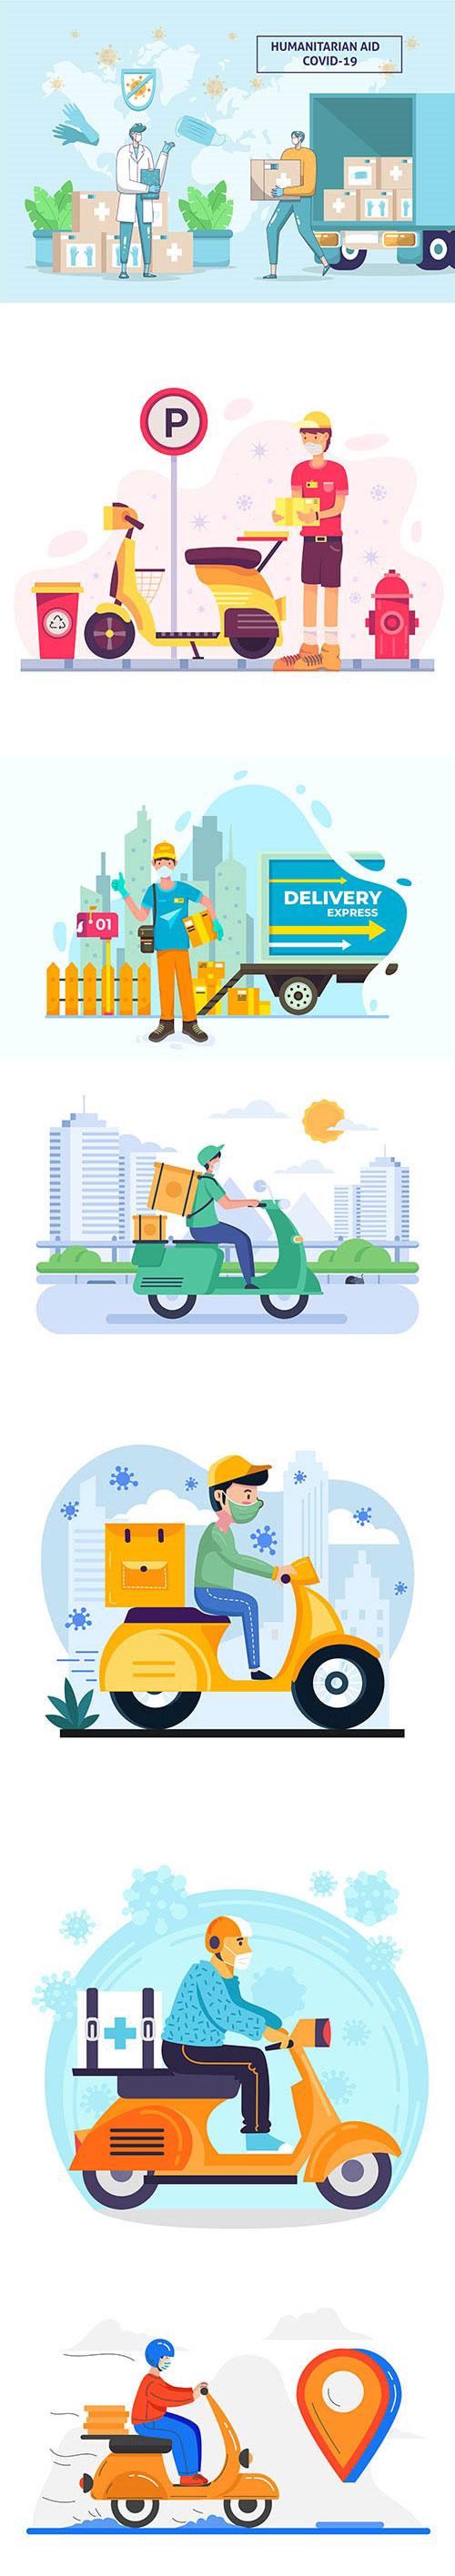 疫情防控与货物运输插画